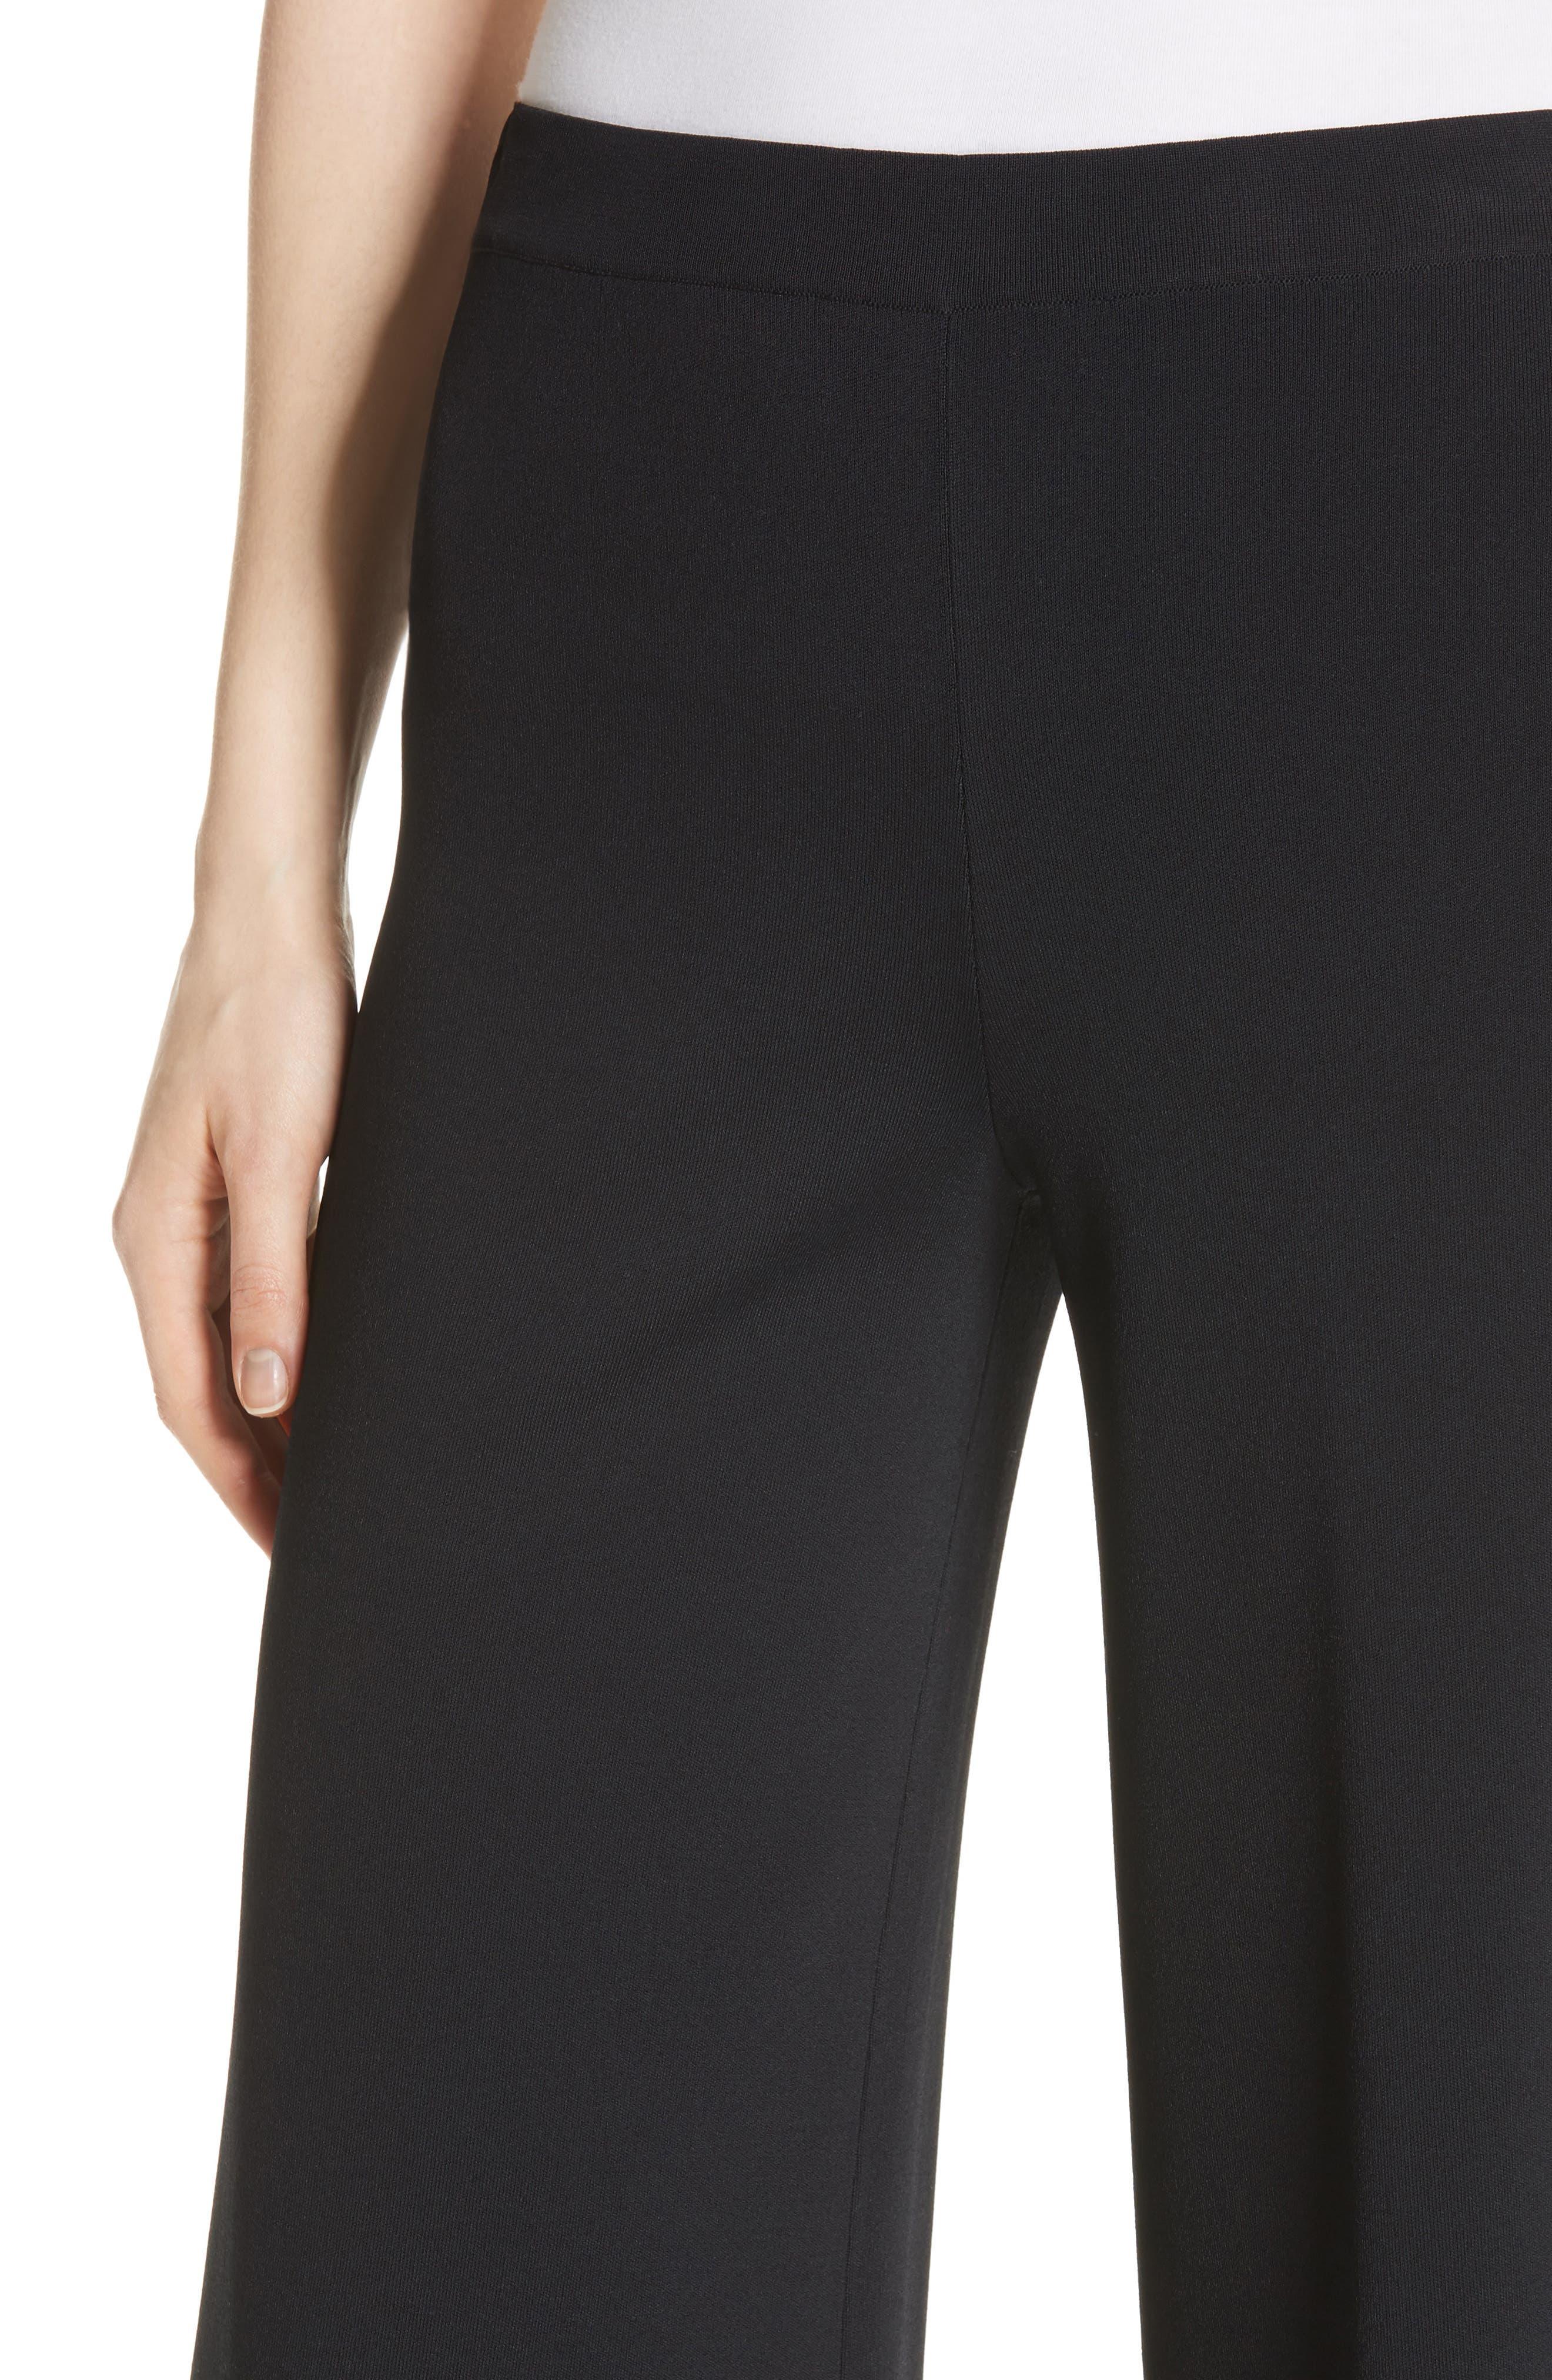 Henriet K Lustrate Wide Leg Crop Pants,                             Alternate thumbnail 4, color,                             Black